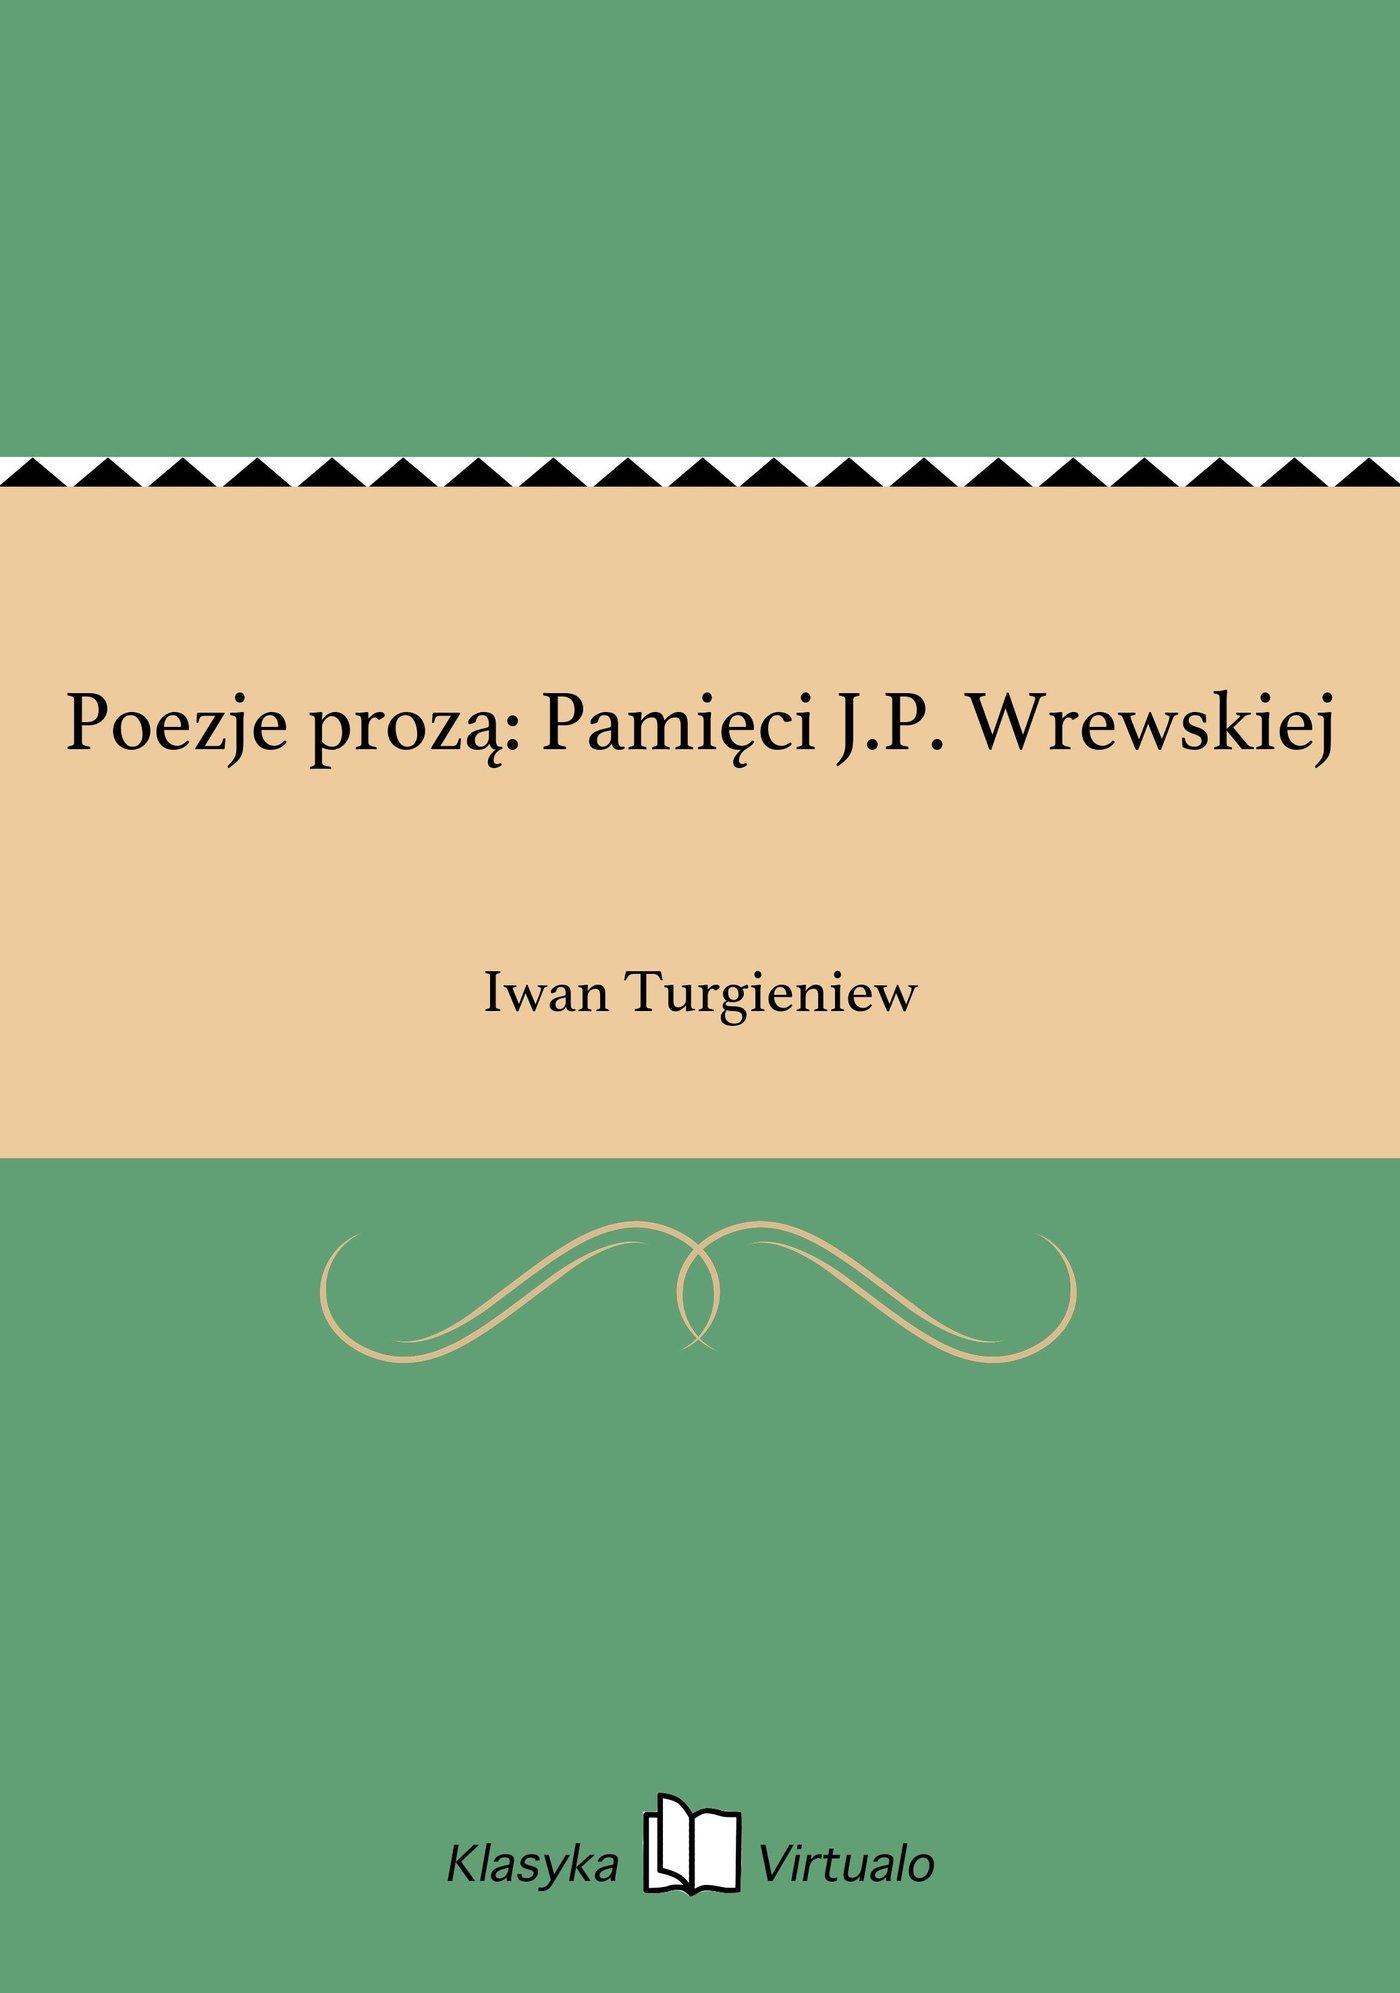 Poezje prozą: Pamięci J.P. Wrewskiej - Ebook (Książka EPUB) do pobrania w formacie EPUB